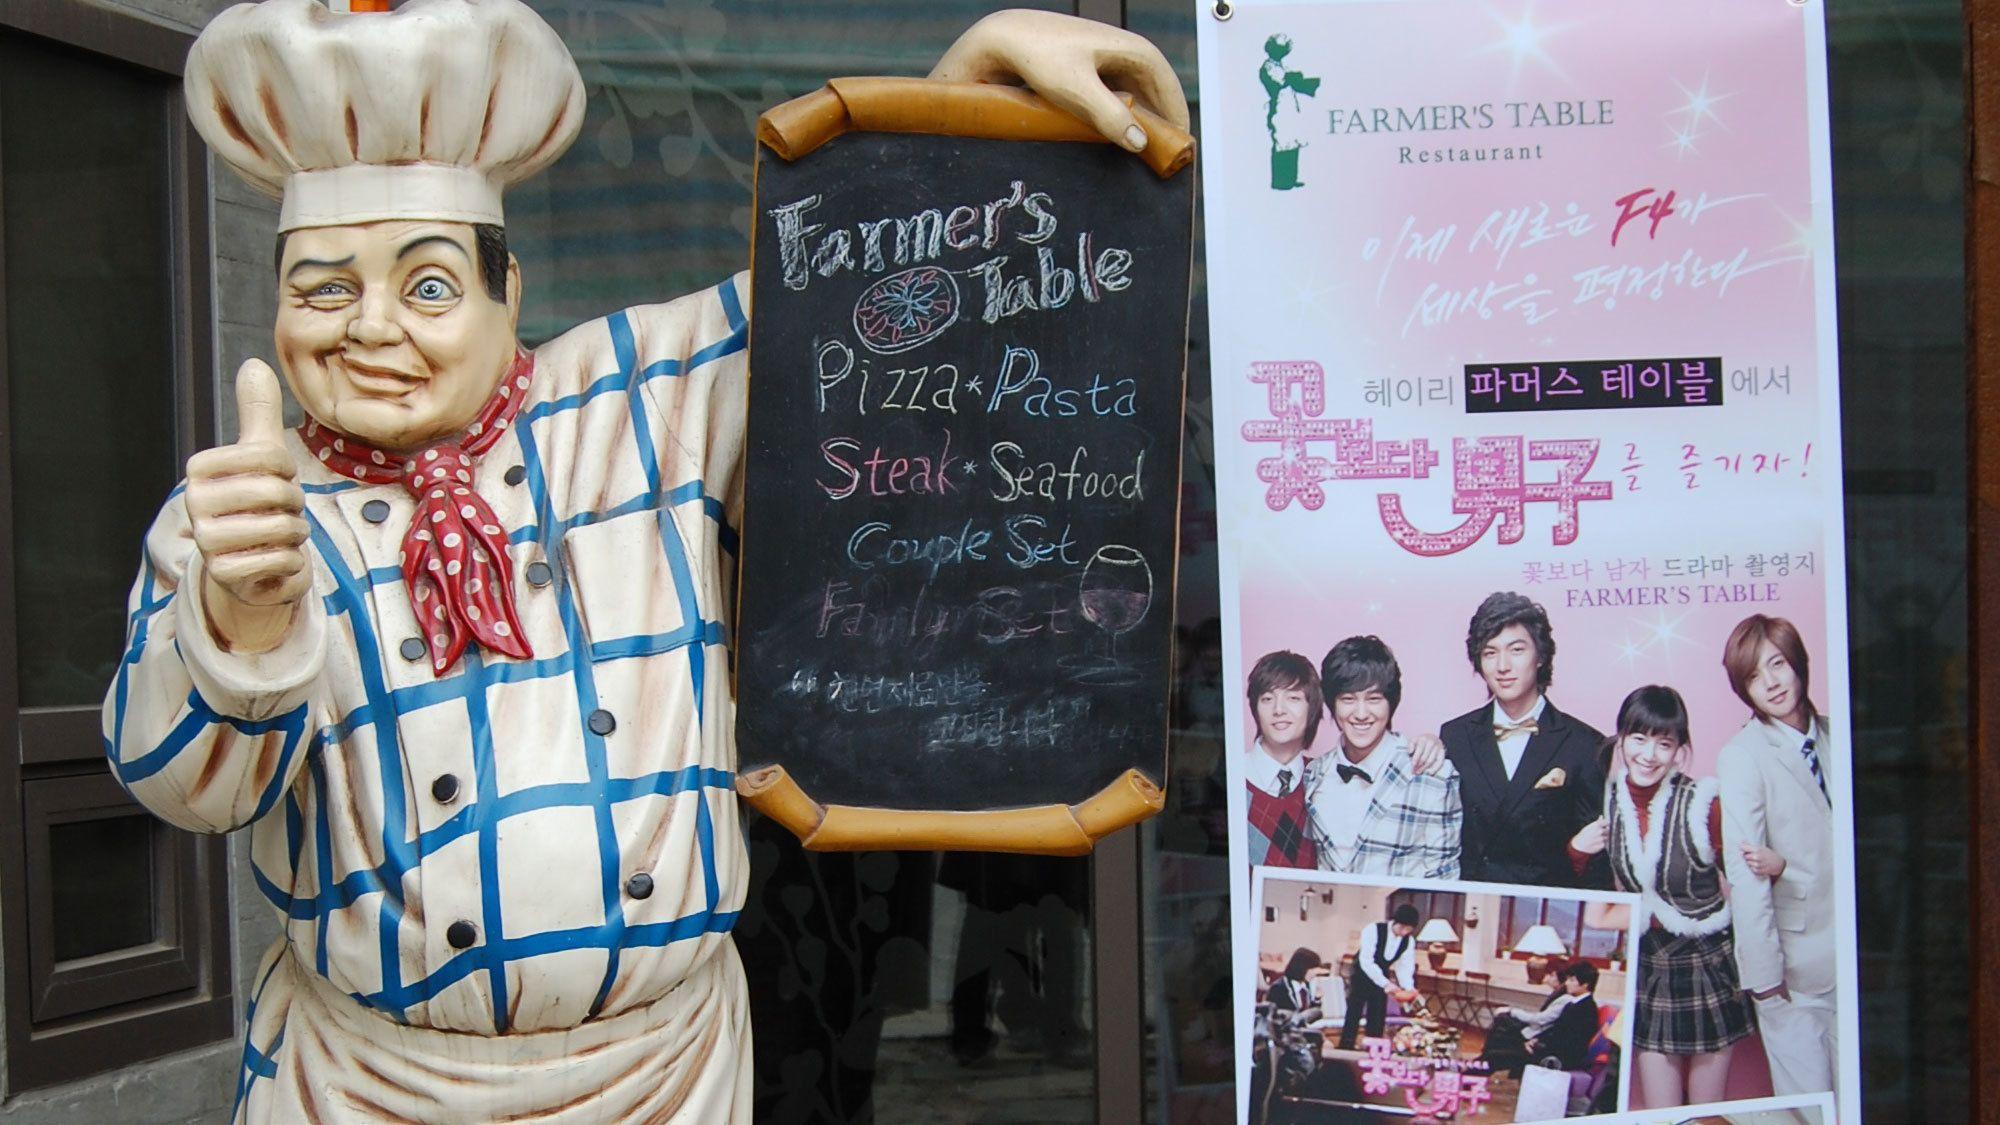 Farmer's Table Restaurant for the popular Korean TV drama Boys Over Flowers in Seoul